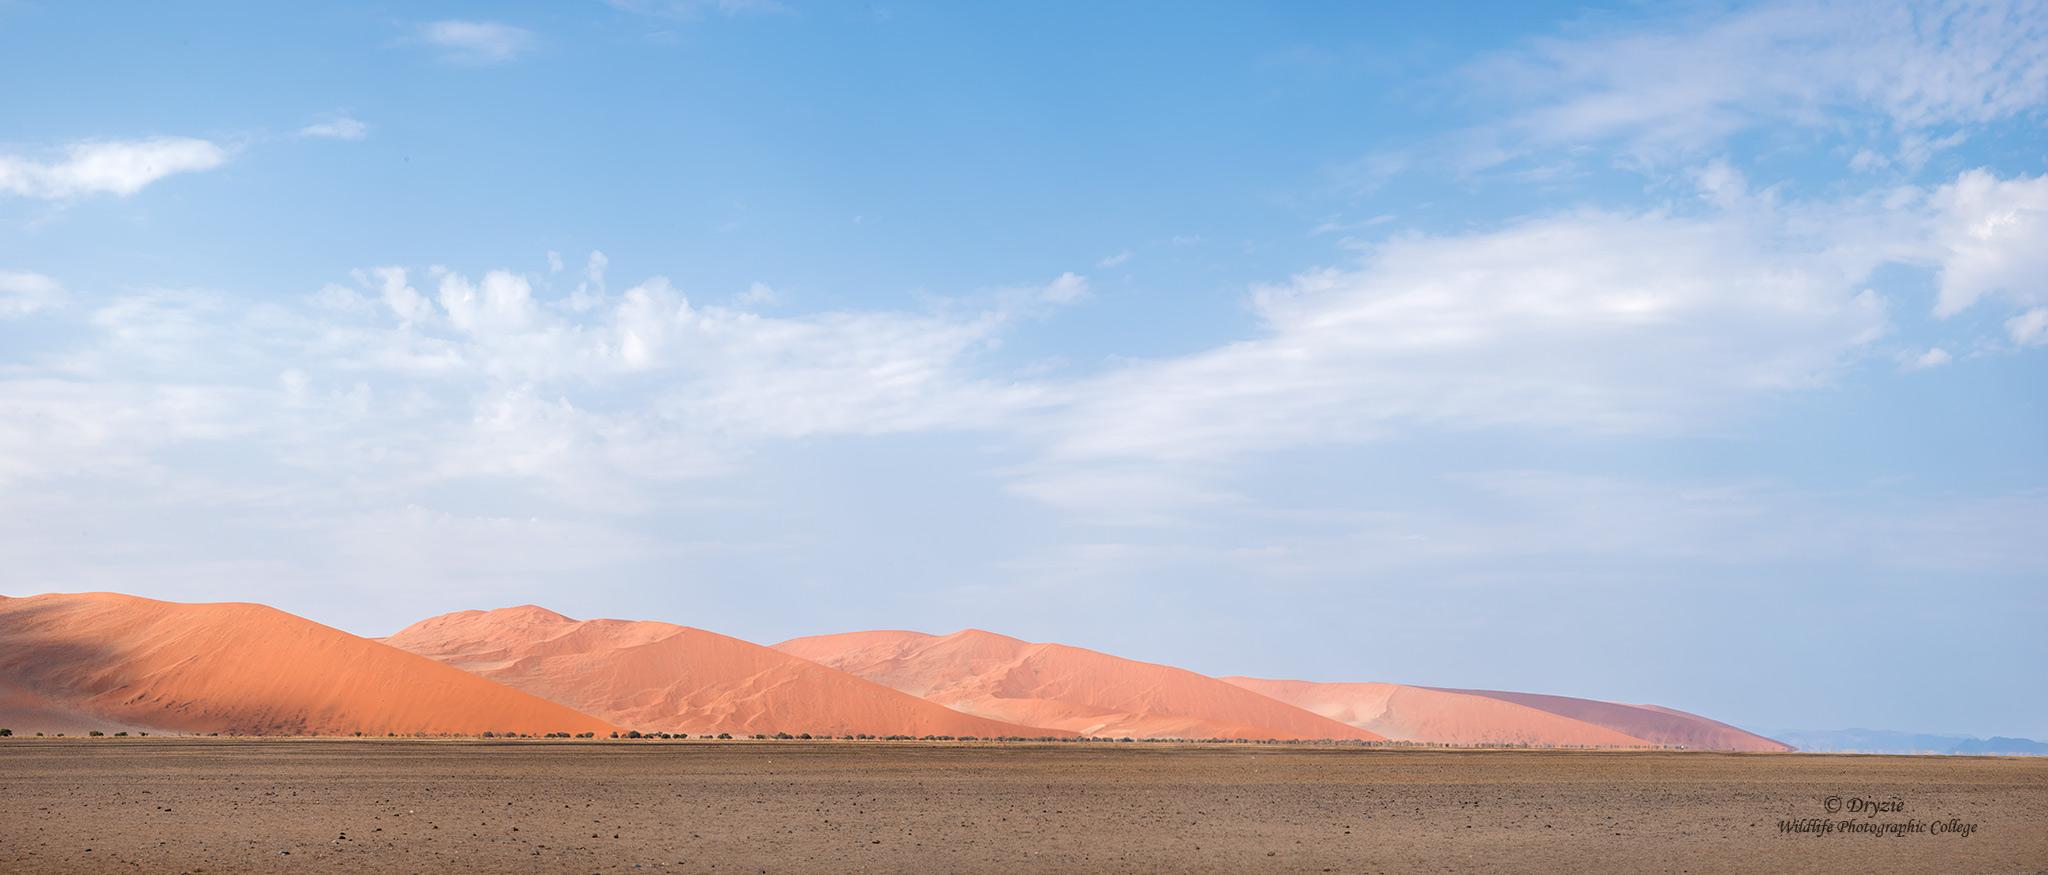 Dunes-Pano-2